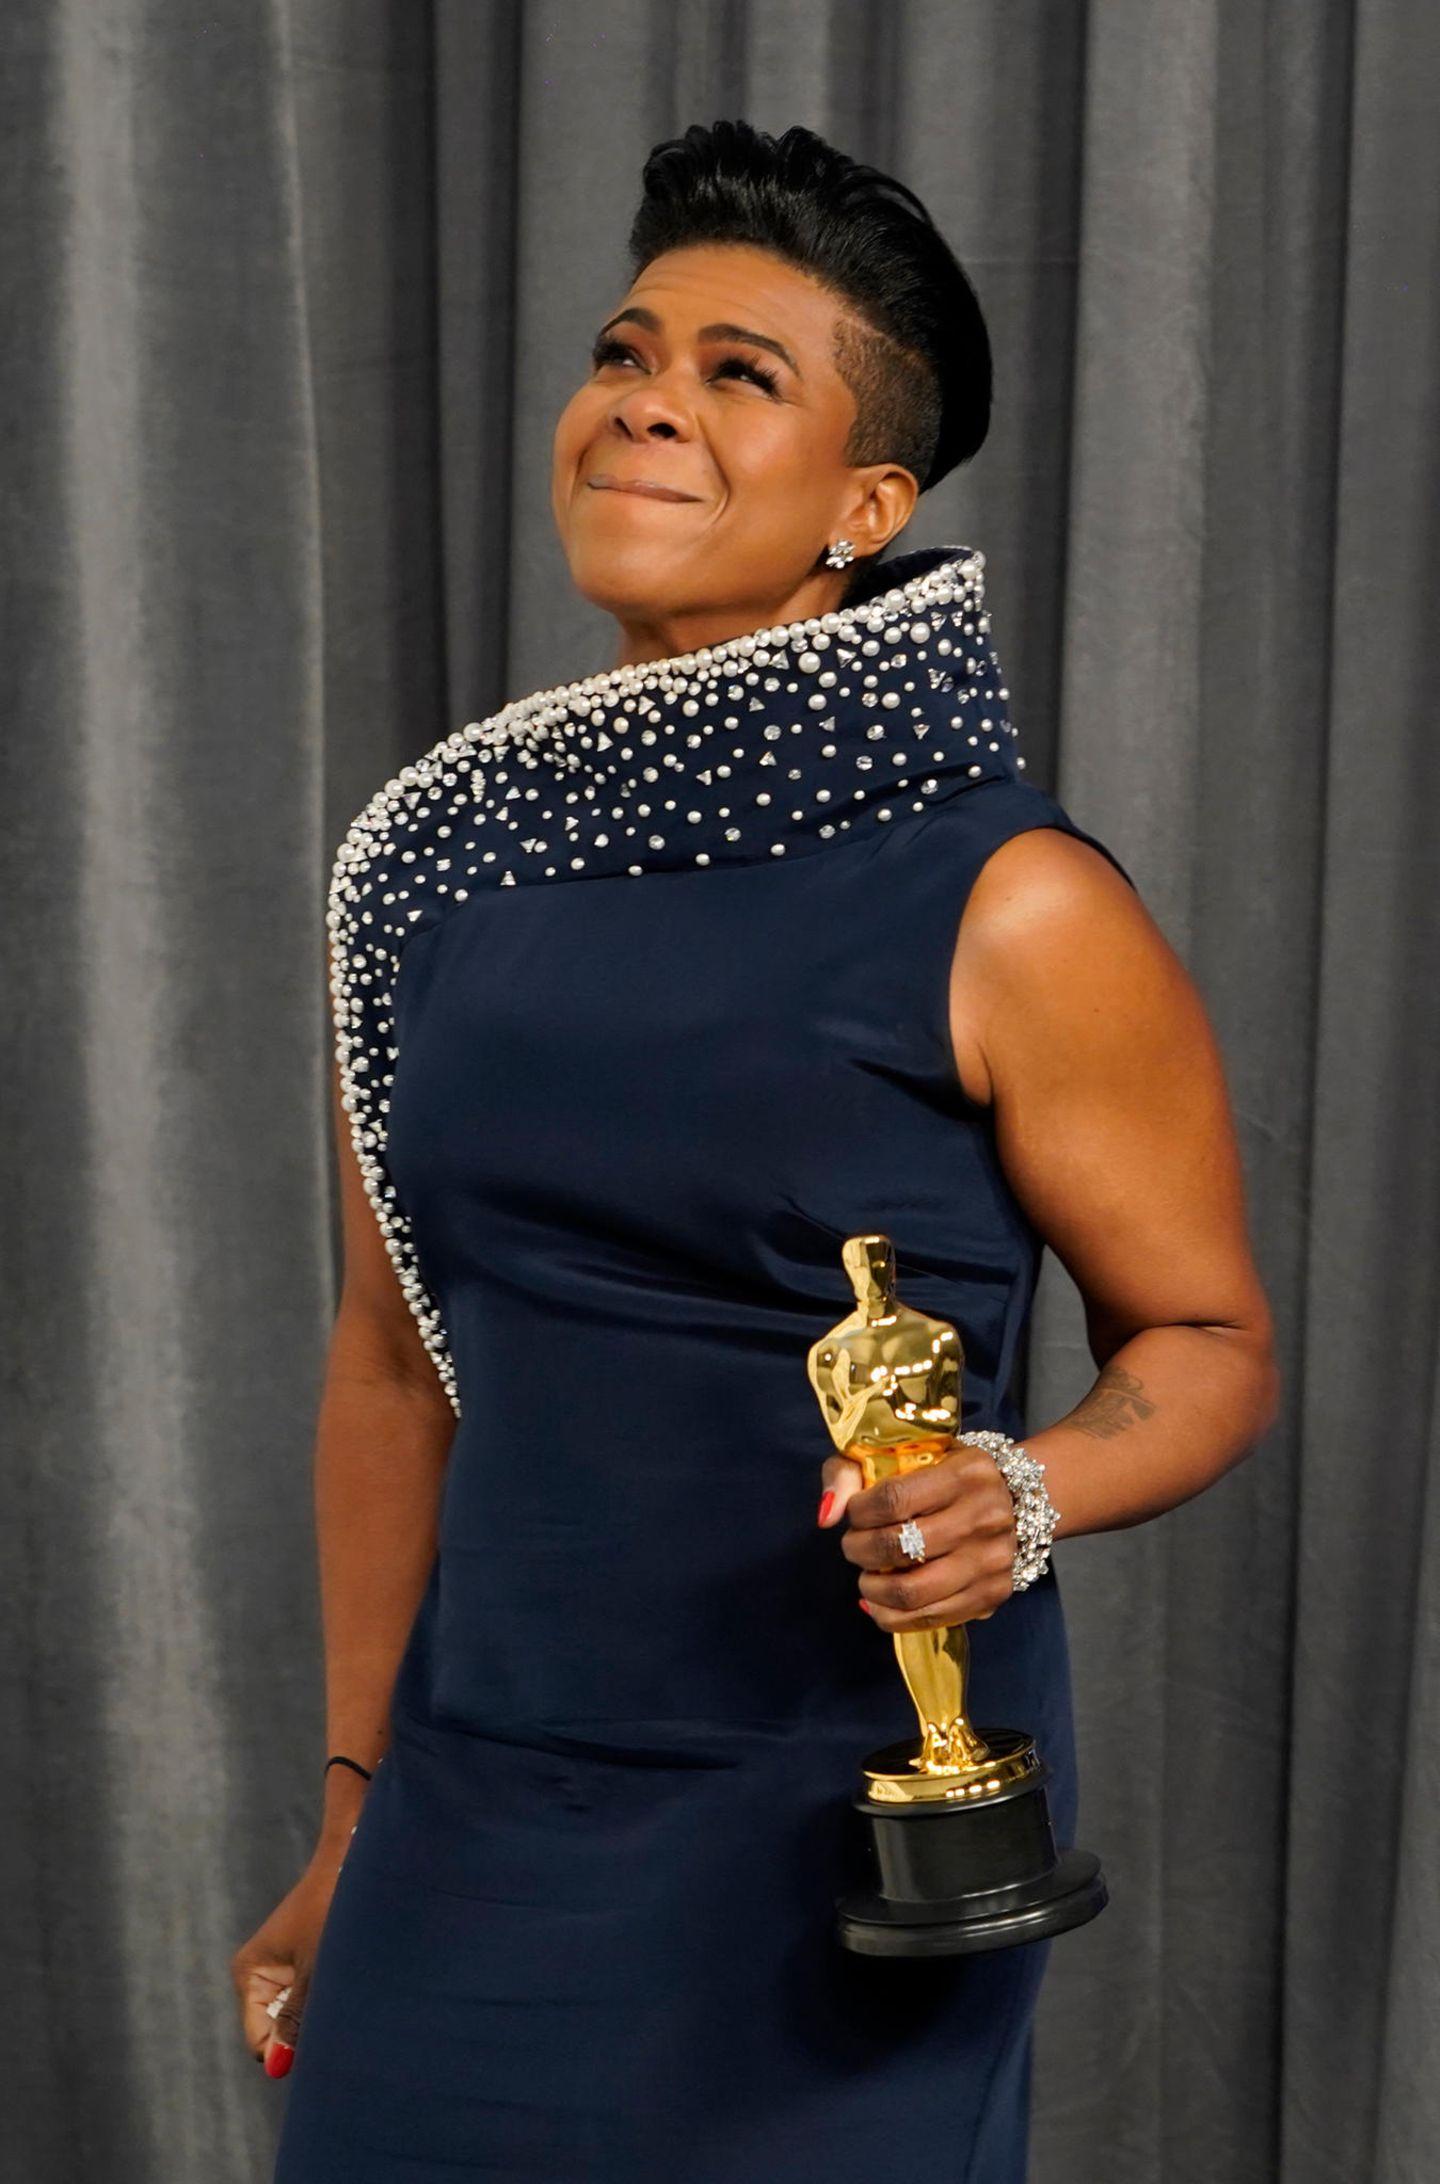 """Dass die Oscars im Jahr 2021 divers waren wie nie zuvor, lag nicht nur an den Preisträger:innen in den Hauptkategorien. Auch in Nebendisziplinen bekamen diesmal zahlreiche Nicht-Weiße den Zuschlag, wie etwa Mia Neal, diefür das beste Make-up und Hairstyling für """"Ma Rainey's Black Bottom"""" ausgezeichnet wurde."""